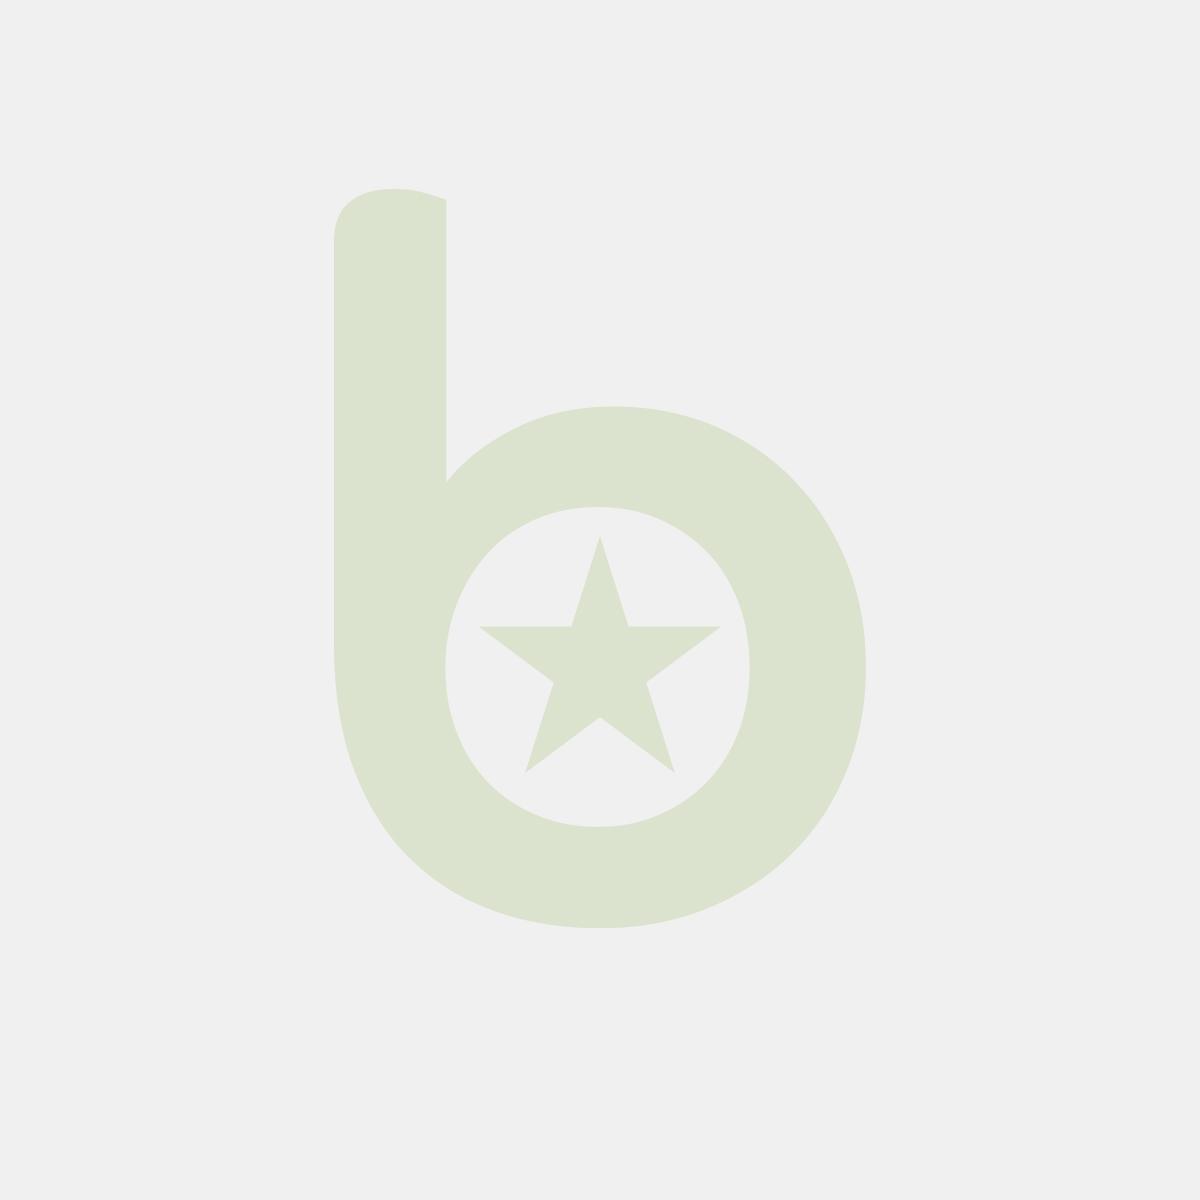 Pojemnik Gn 1/3 - Perforowany – 325X176 Mm Wysokość 150 Mm